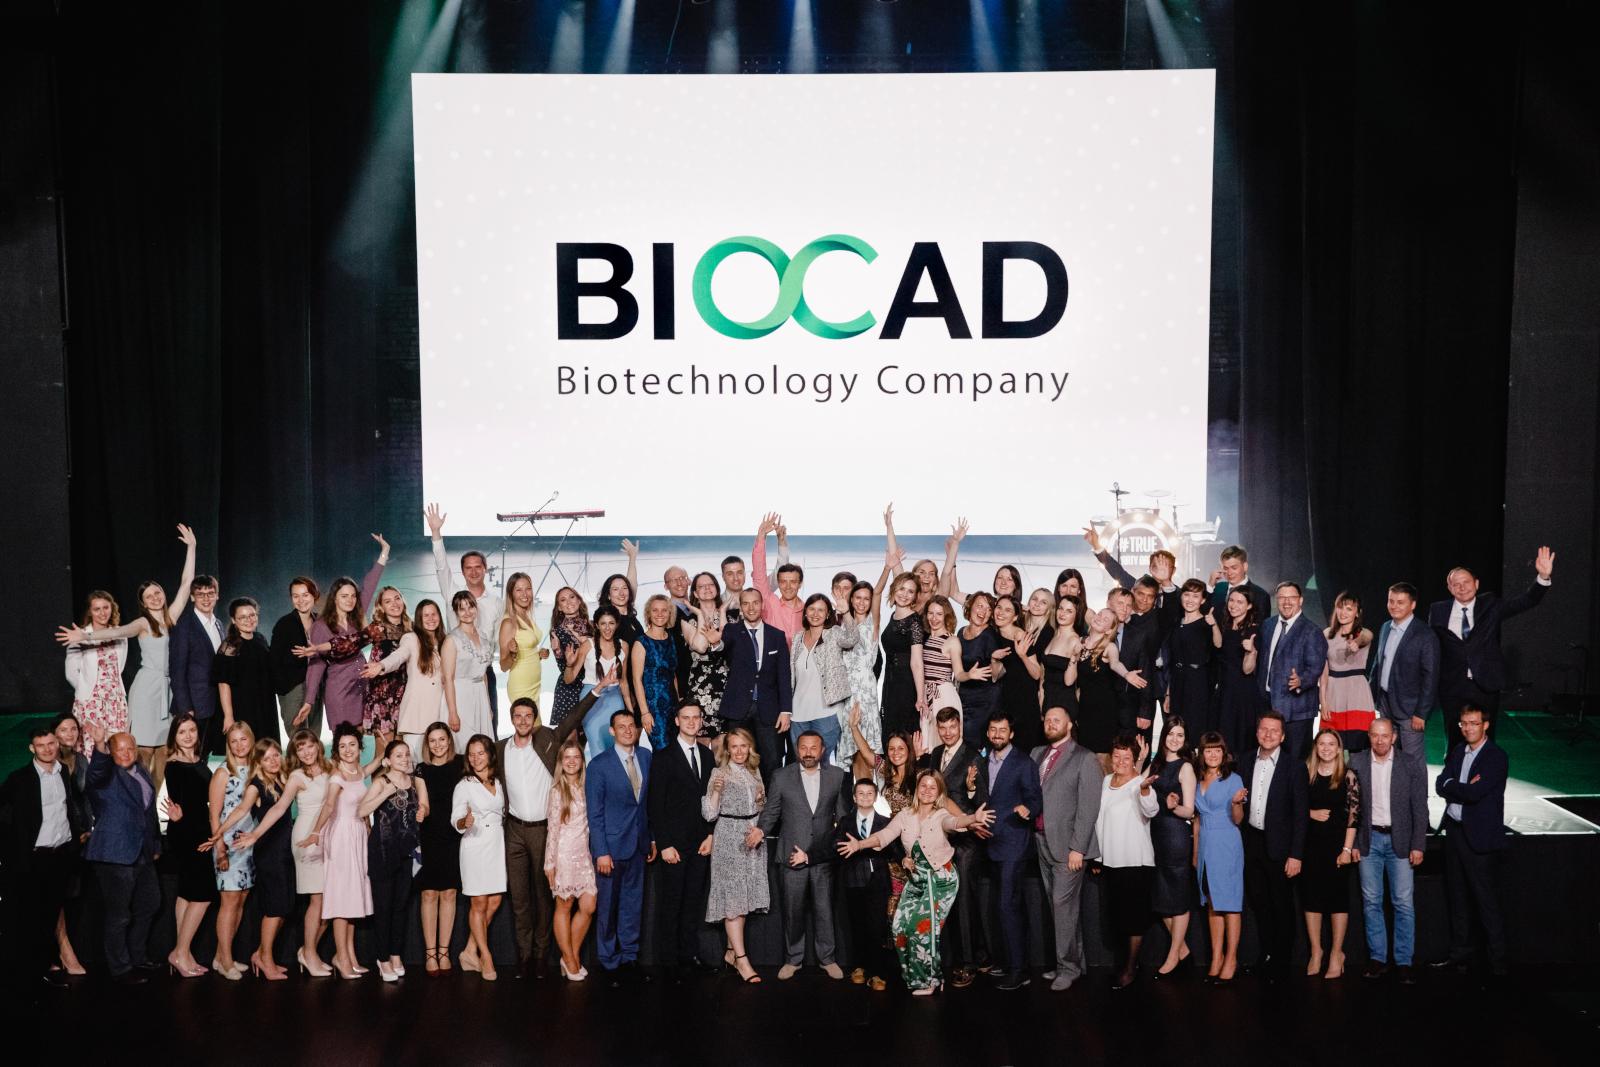 BIOCAD: мы ждем тех, кто мечтает о личном росте и готов к ответственности